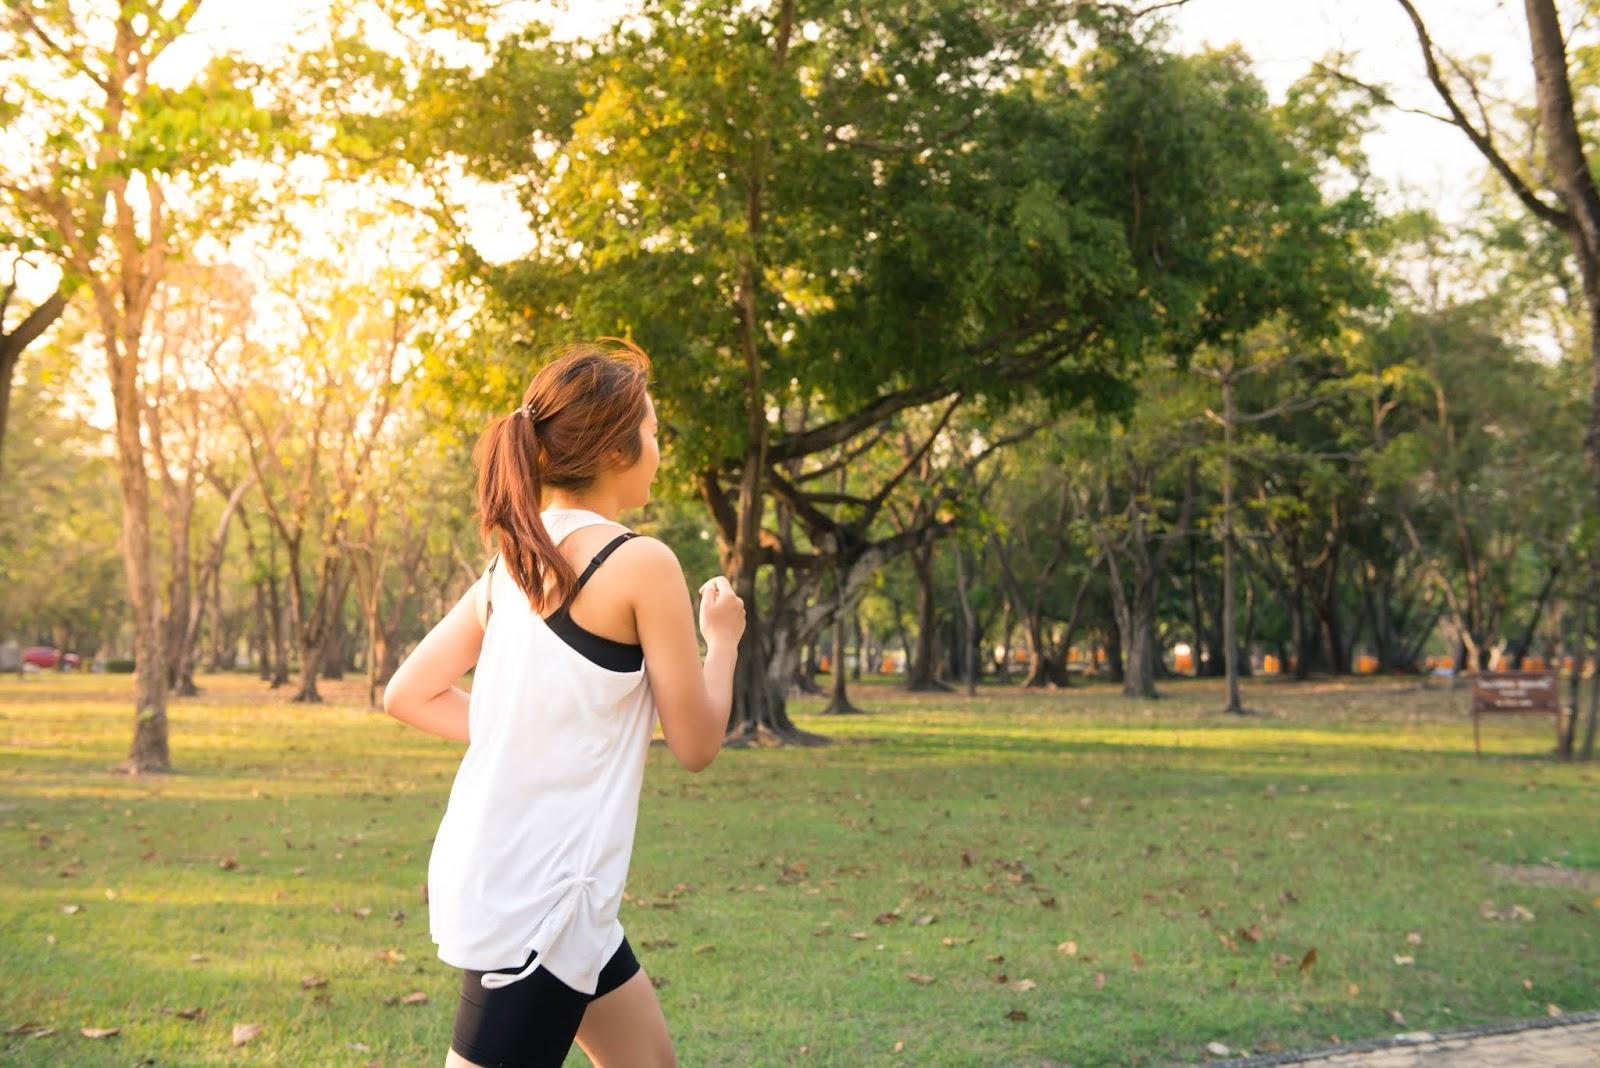 Olahraga untuk menjaga kesehatan mata di usia 20-an dan 30-an